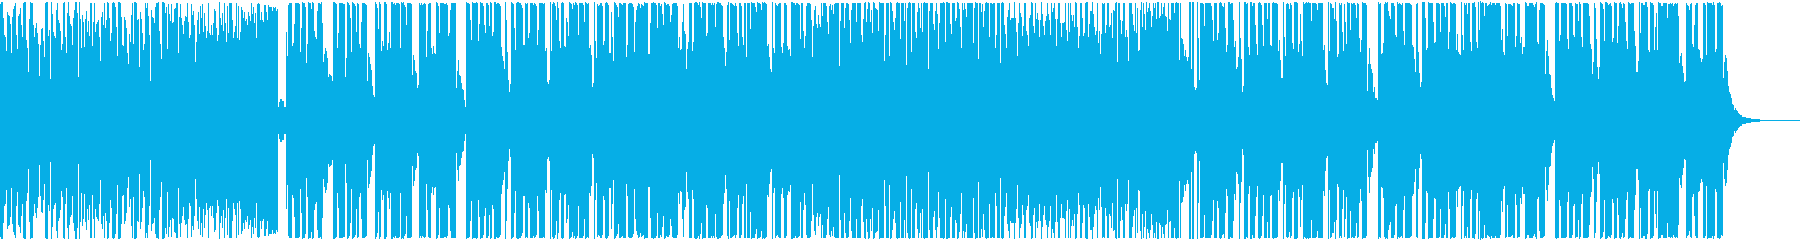 壮大かつ爽快なEDM・太いシンセ リードの再生済みの波形